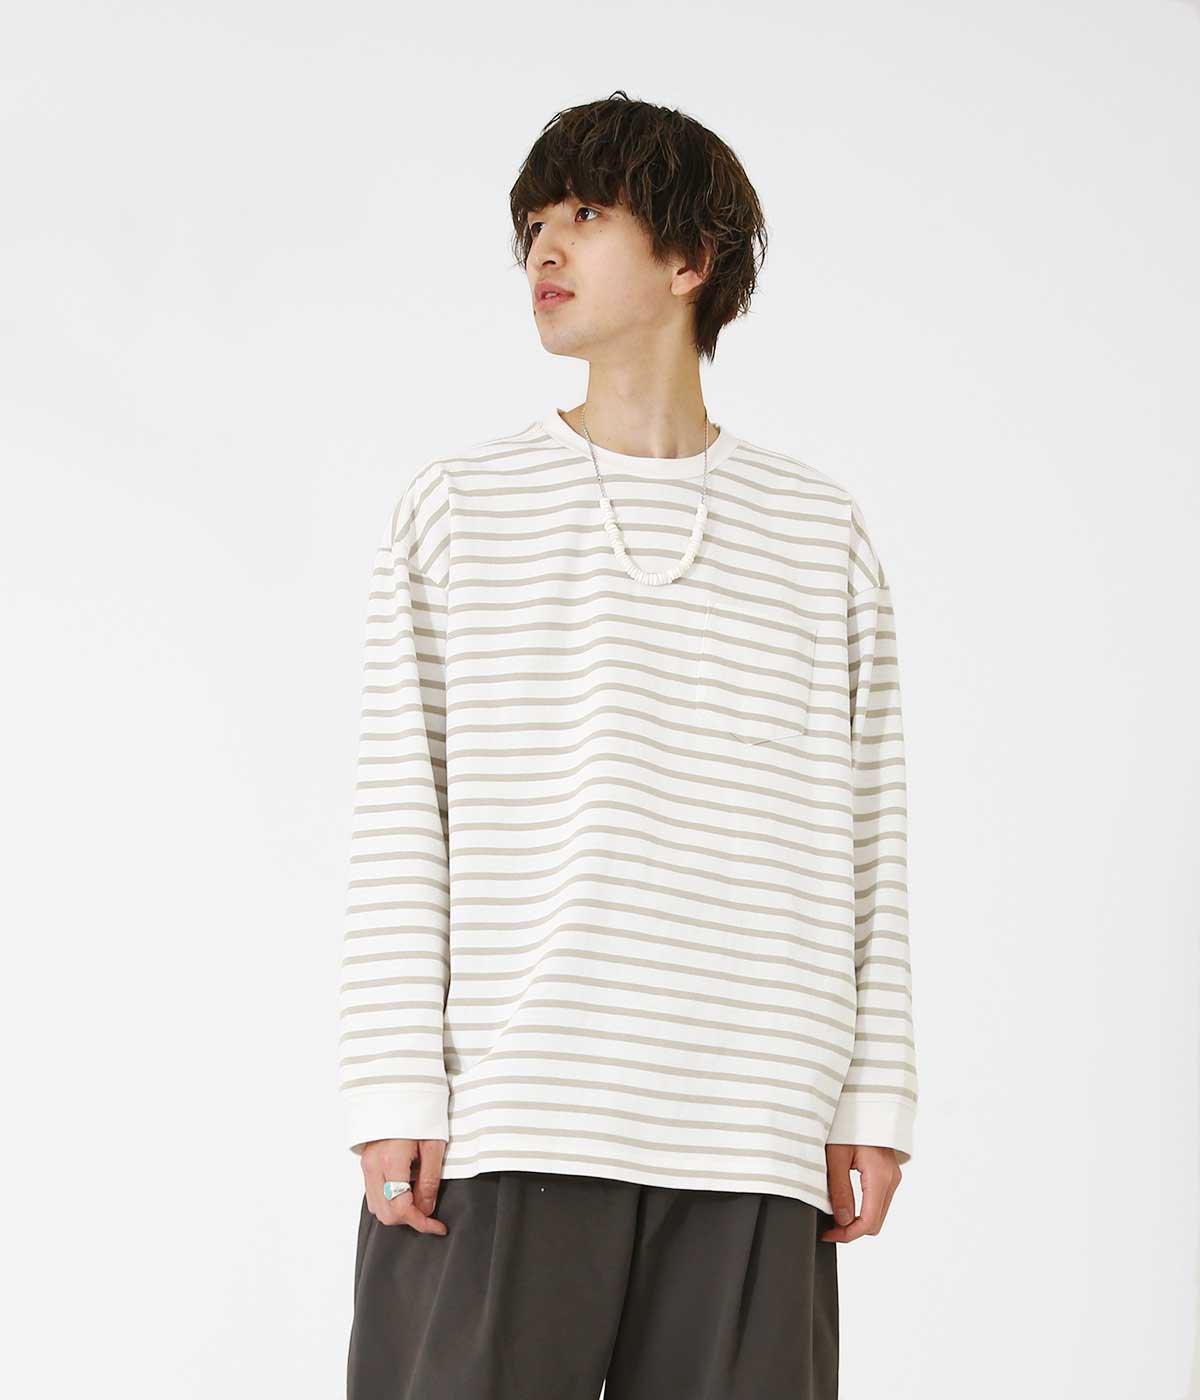 【ホワイト/オリーブ】】KANZAWA ( 181㎝/60㎏ ):フリーサイズ(ワンサイズ)